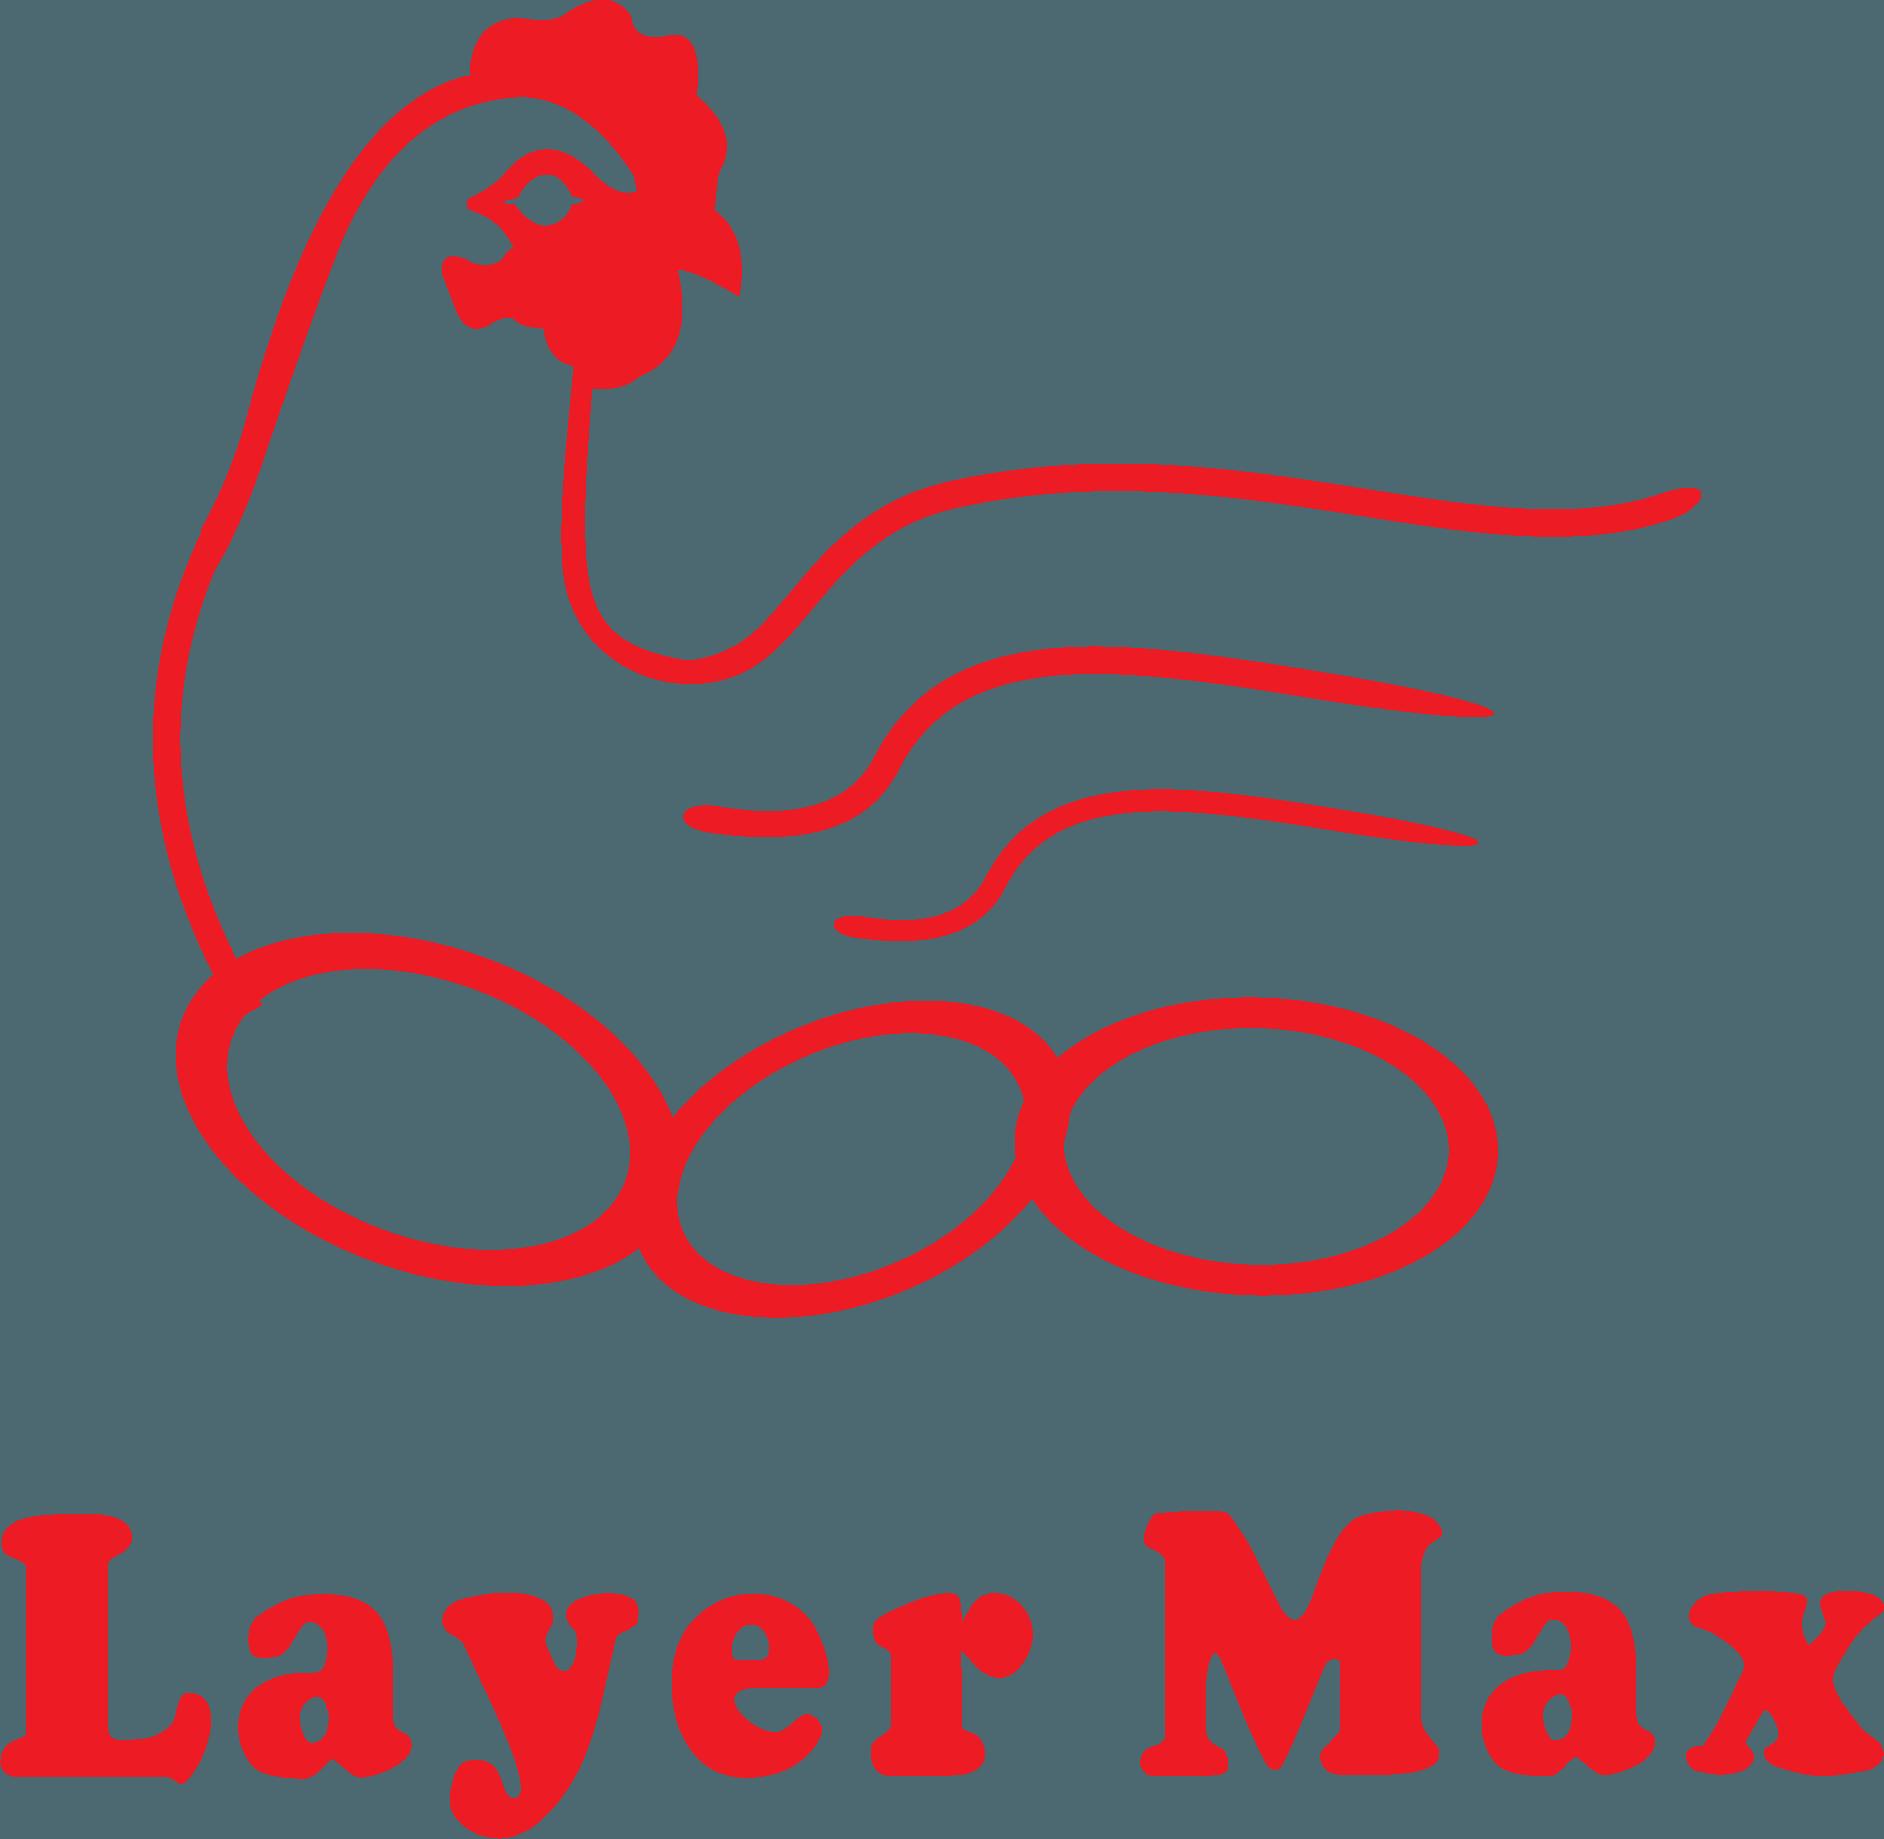 Layer Max